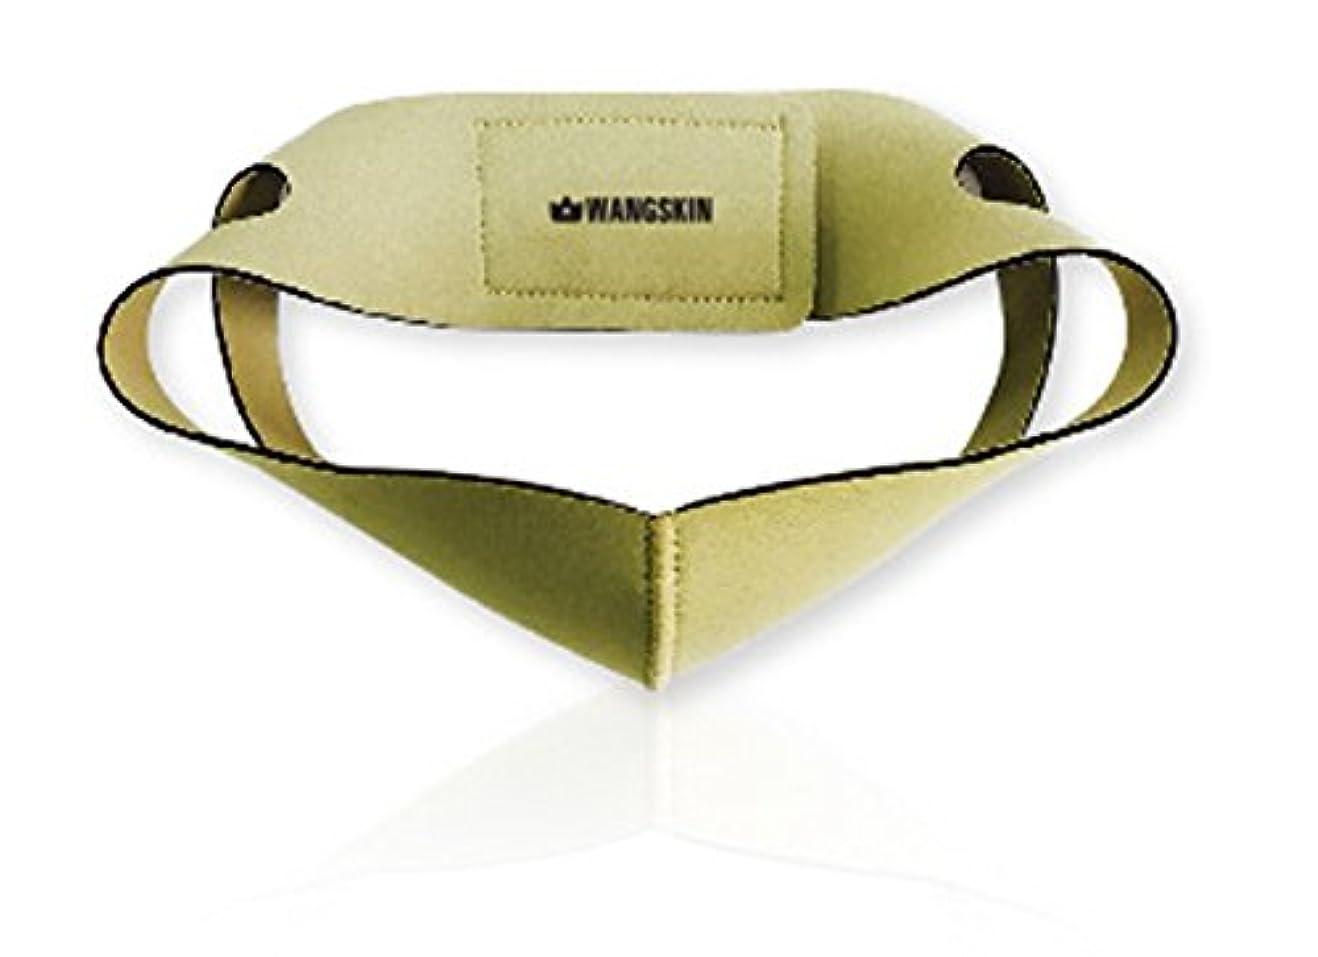 最大ダンプ建築家WANSKIN Face V-line リフティングバンド バイオネオプレンシ ワ改善 弾力 ISO9001認証 海外直送品 (Face V-line Lifting Band Bio NeoFran Wrinkle Elasticity...